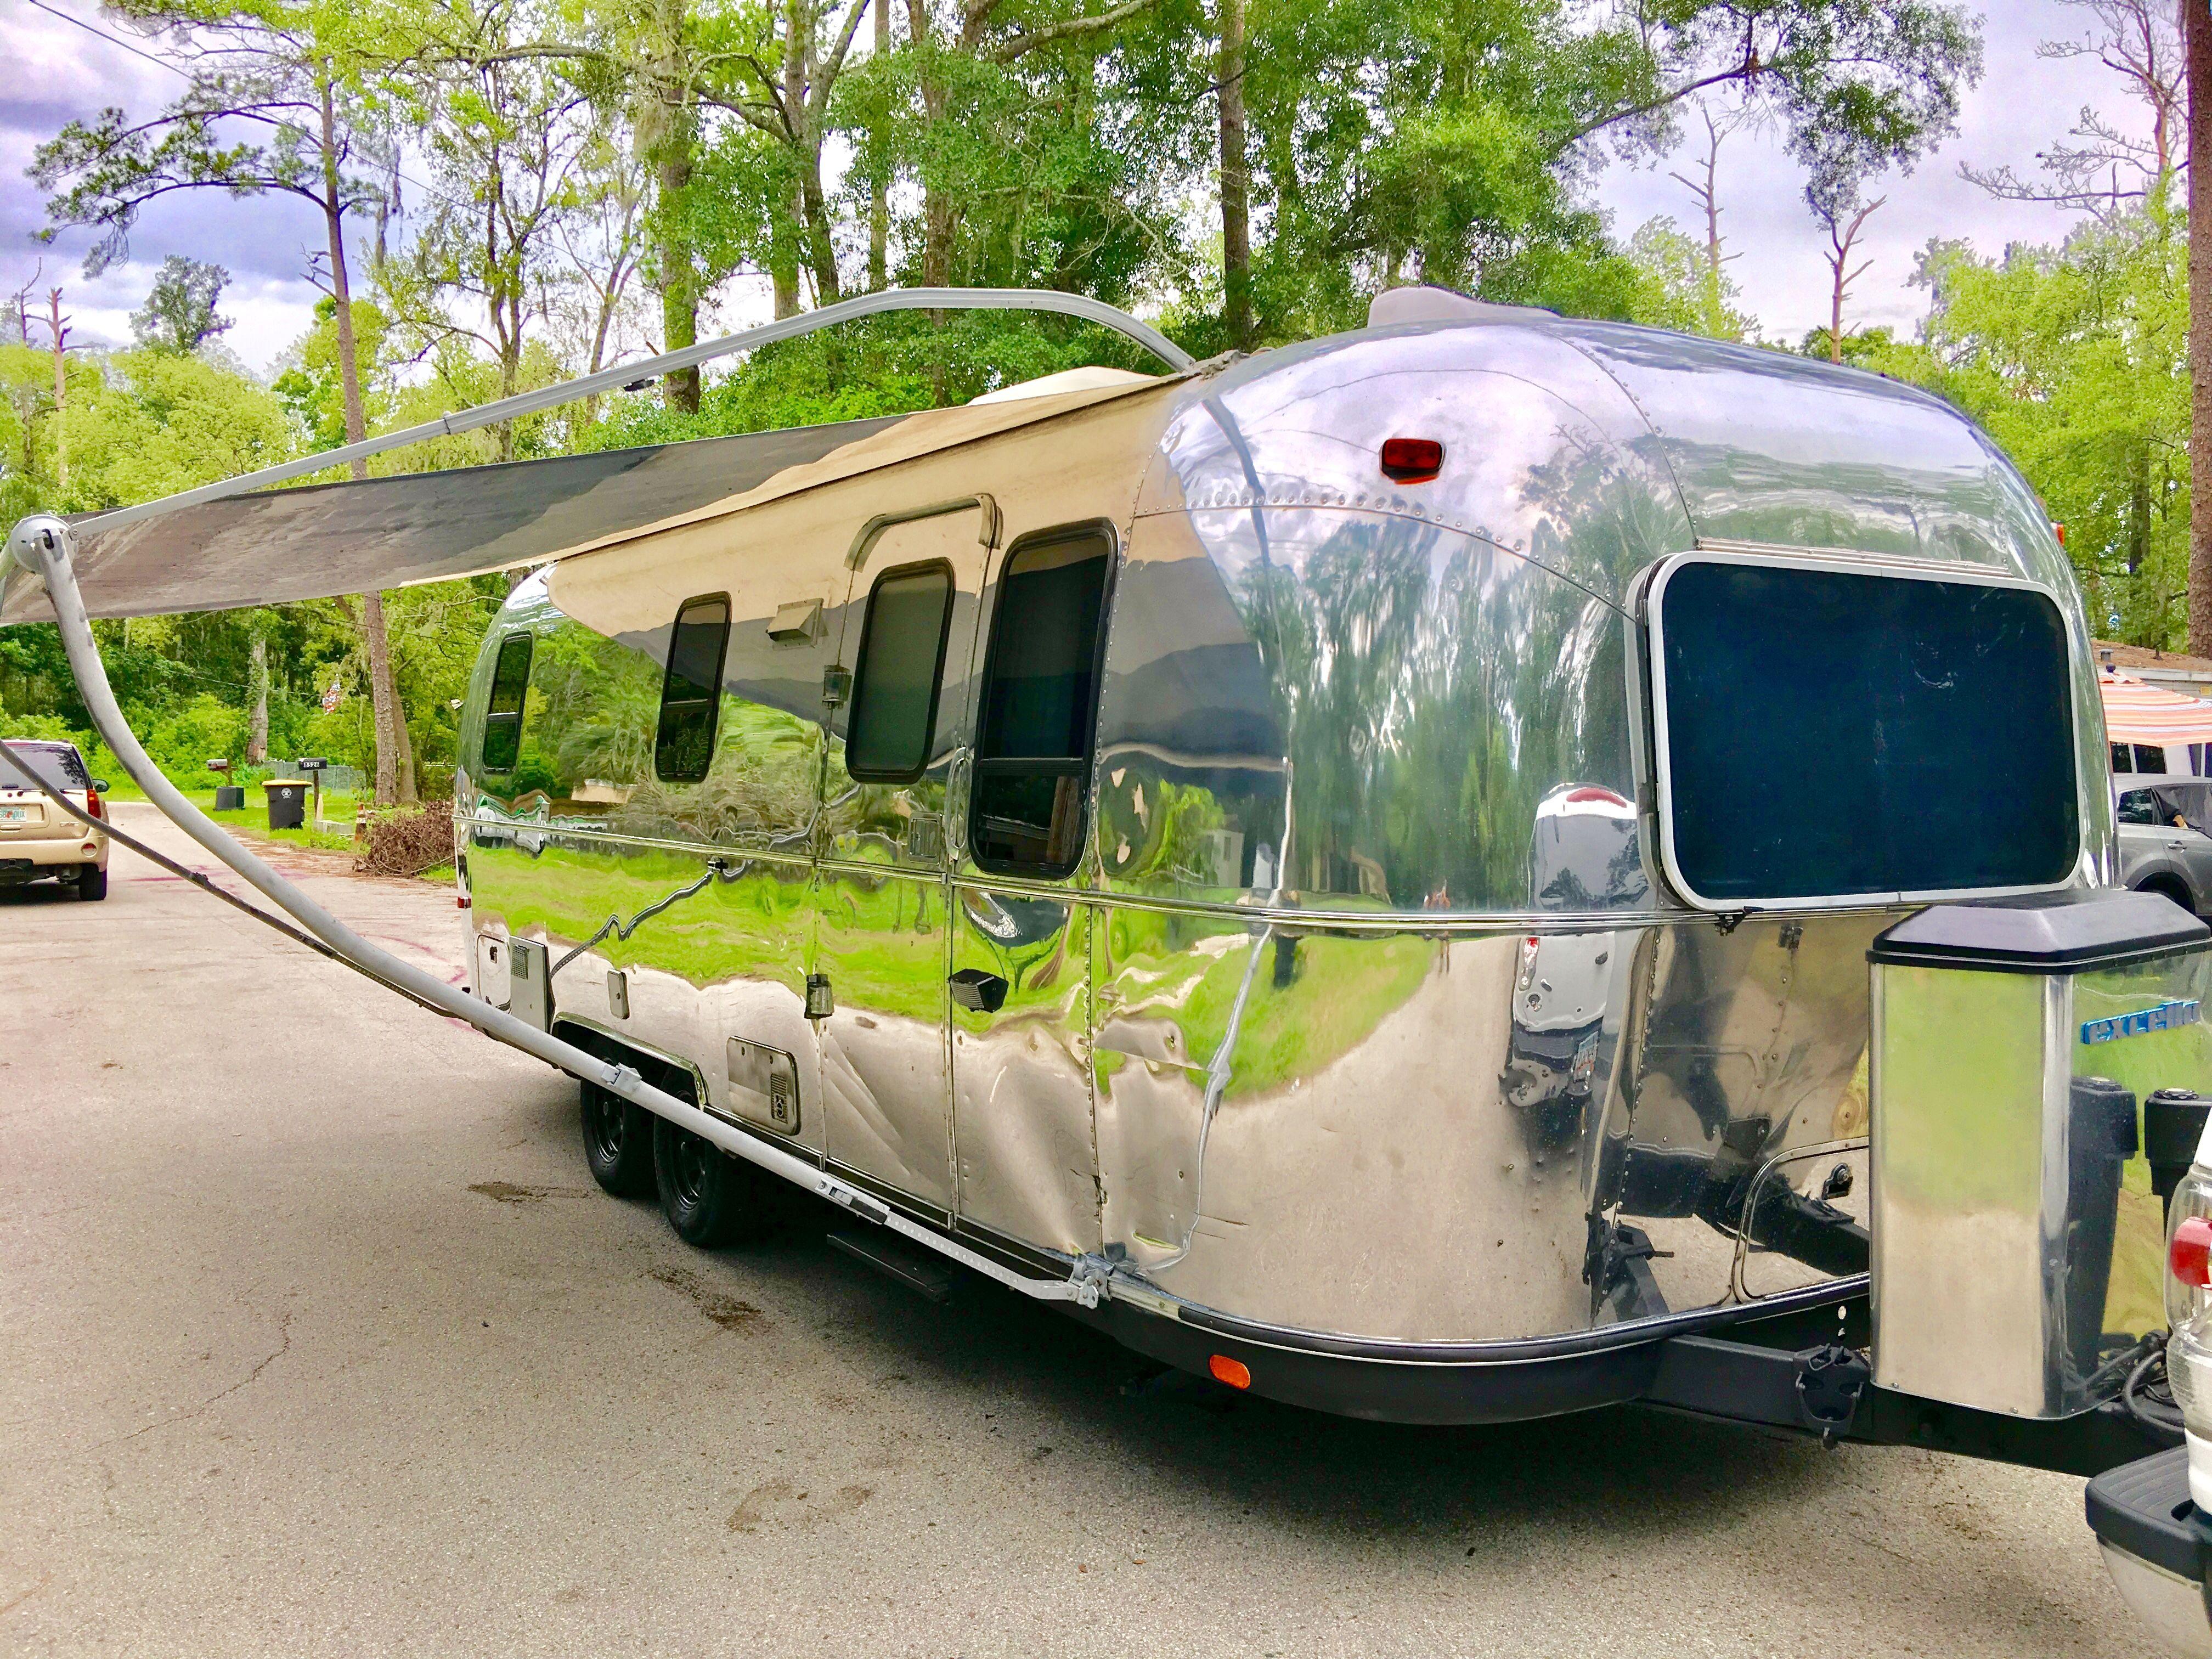 craigslist jacksonville florida cars for sale by owner